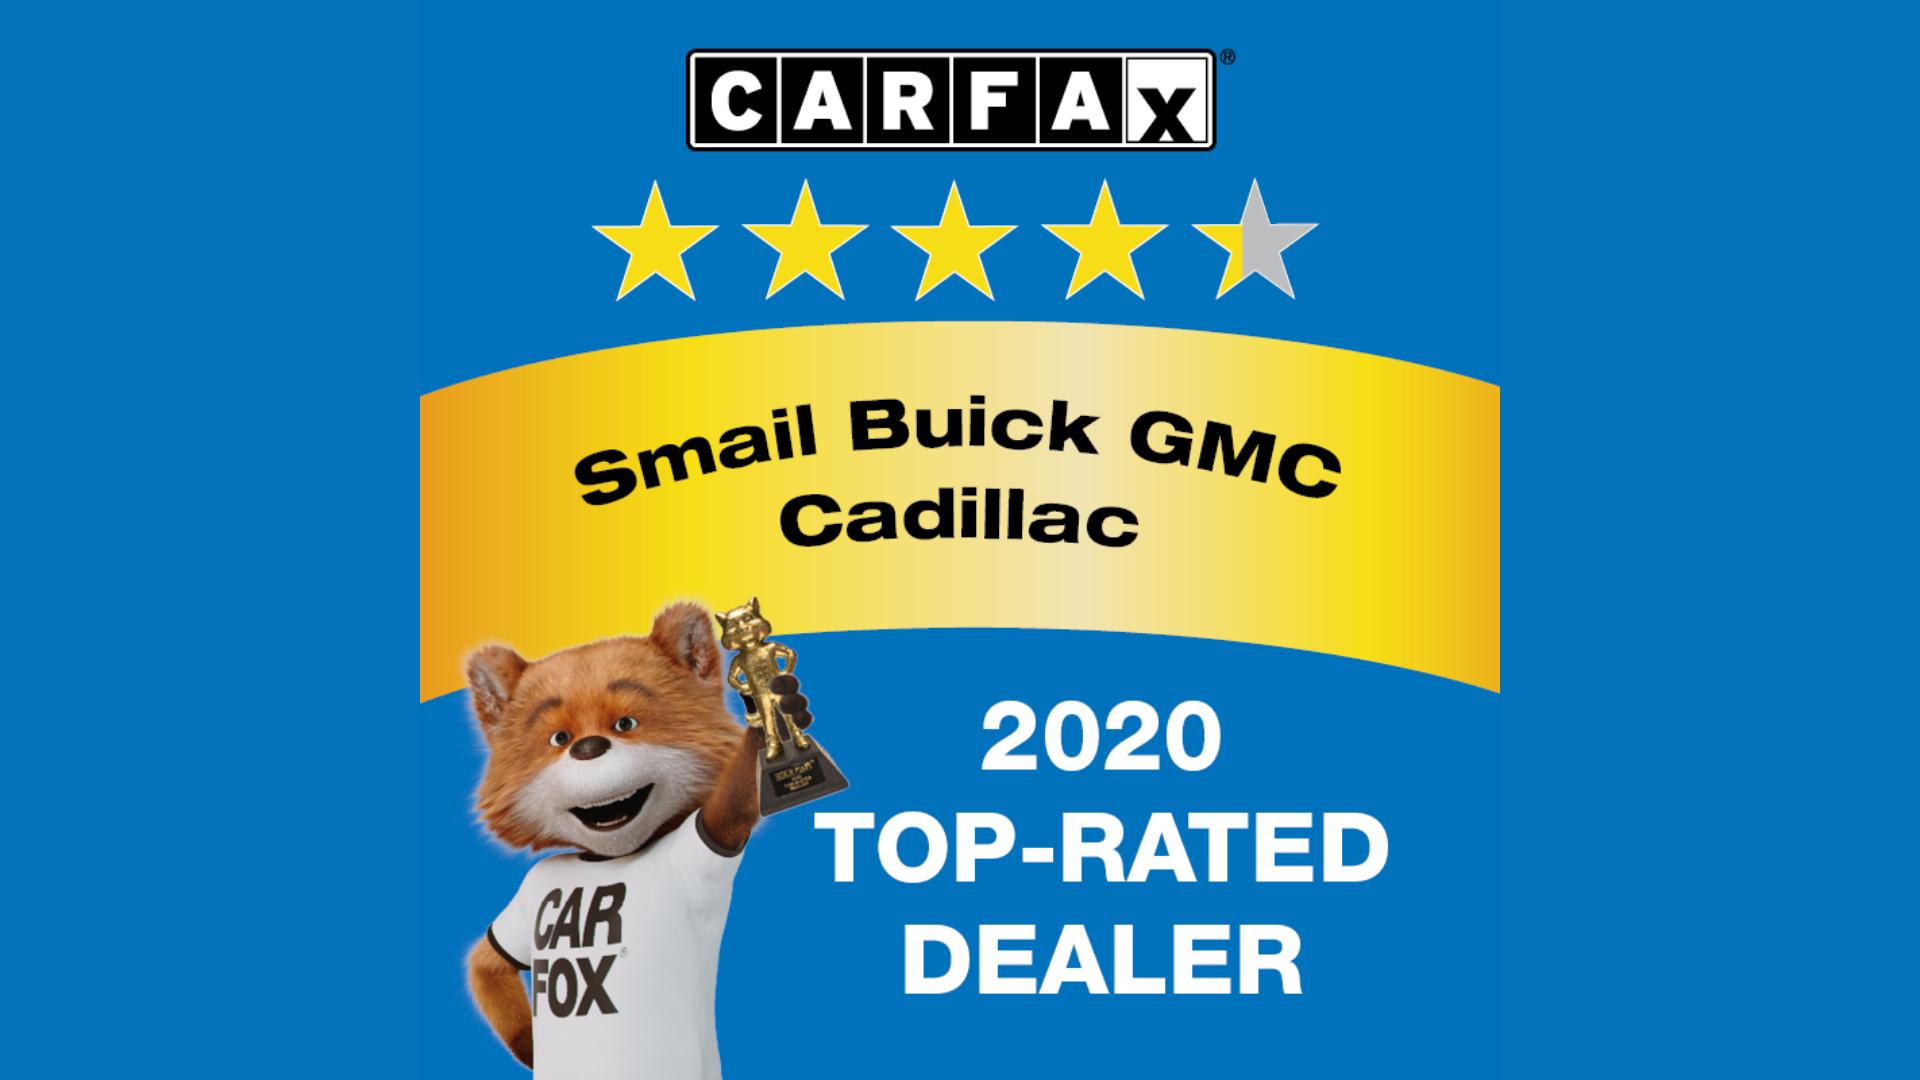 Buick GMC Top-Rated Dealer Award